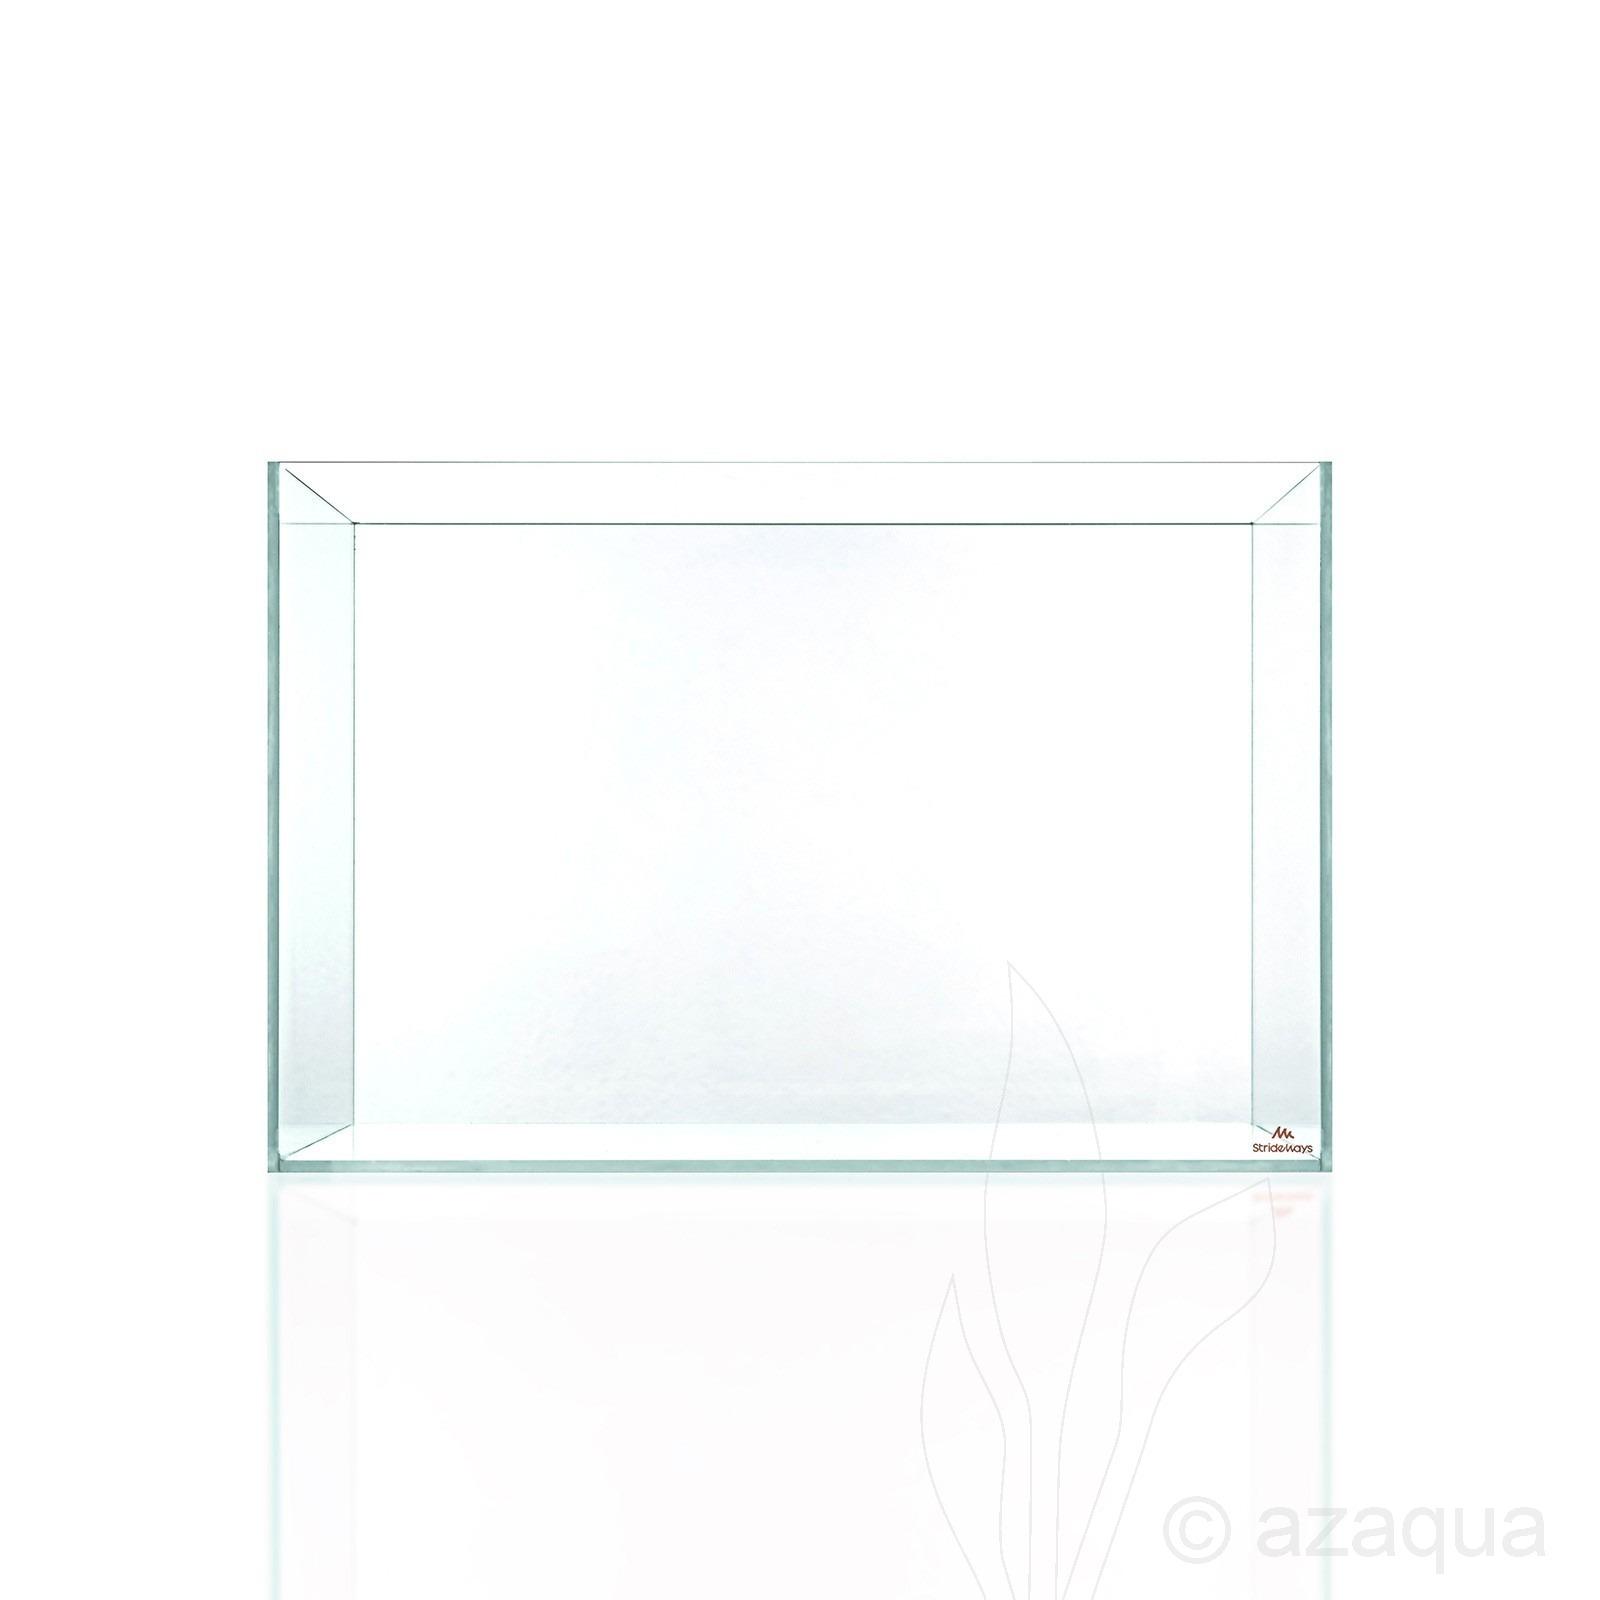 Strideways Sado 45P aquarium